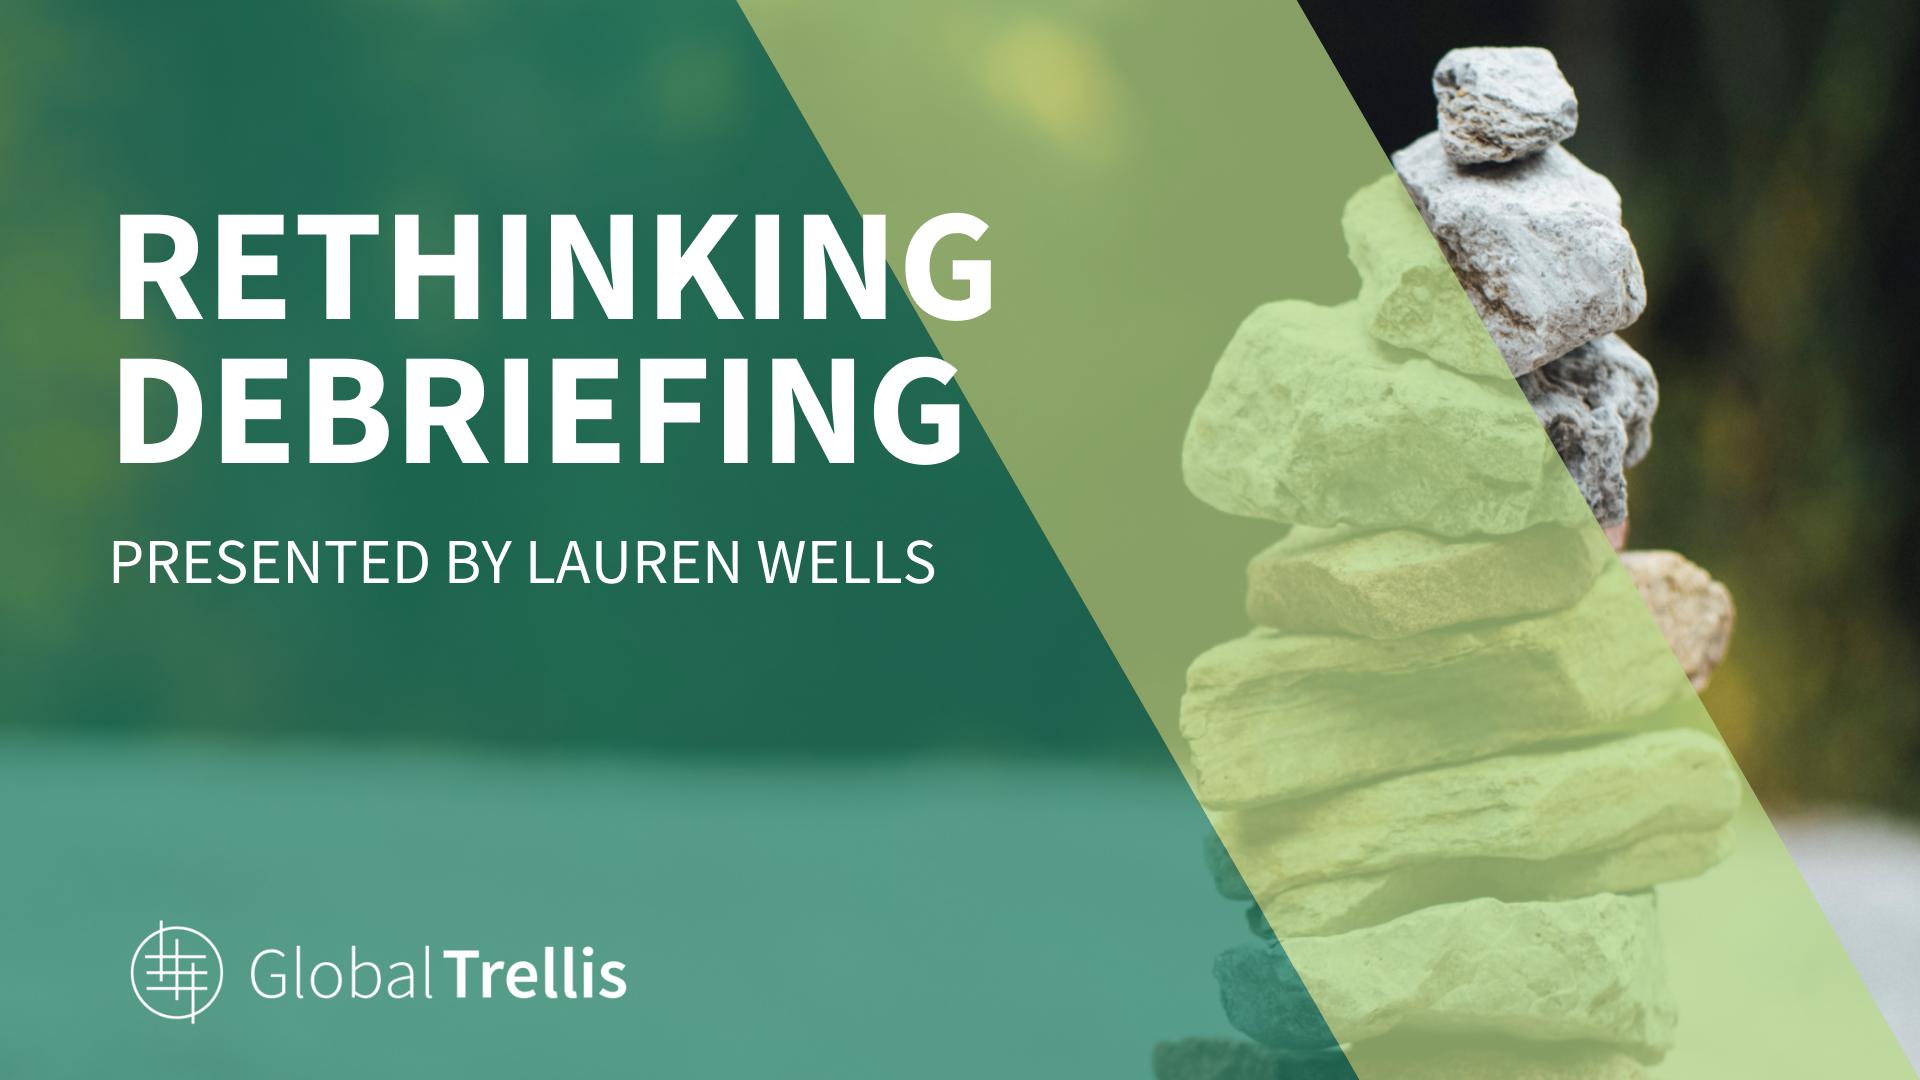 Rethinking Debriefing